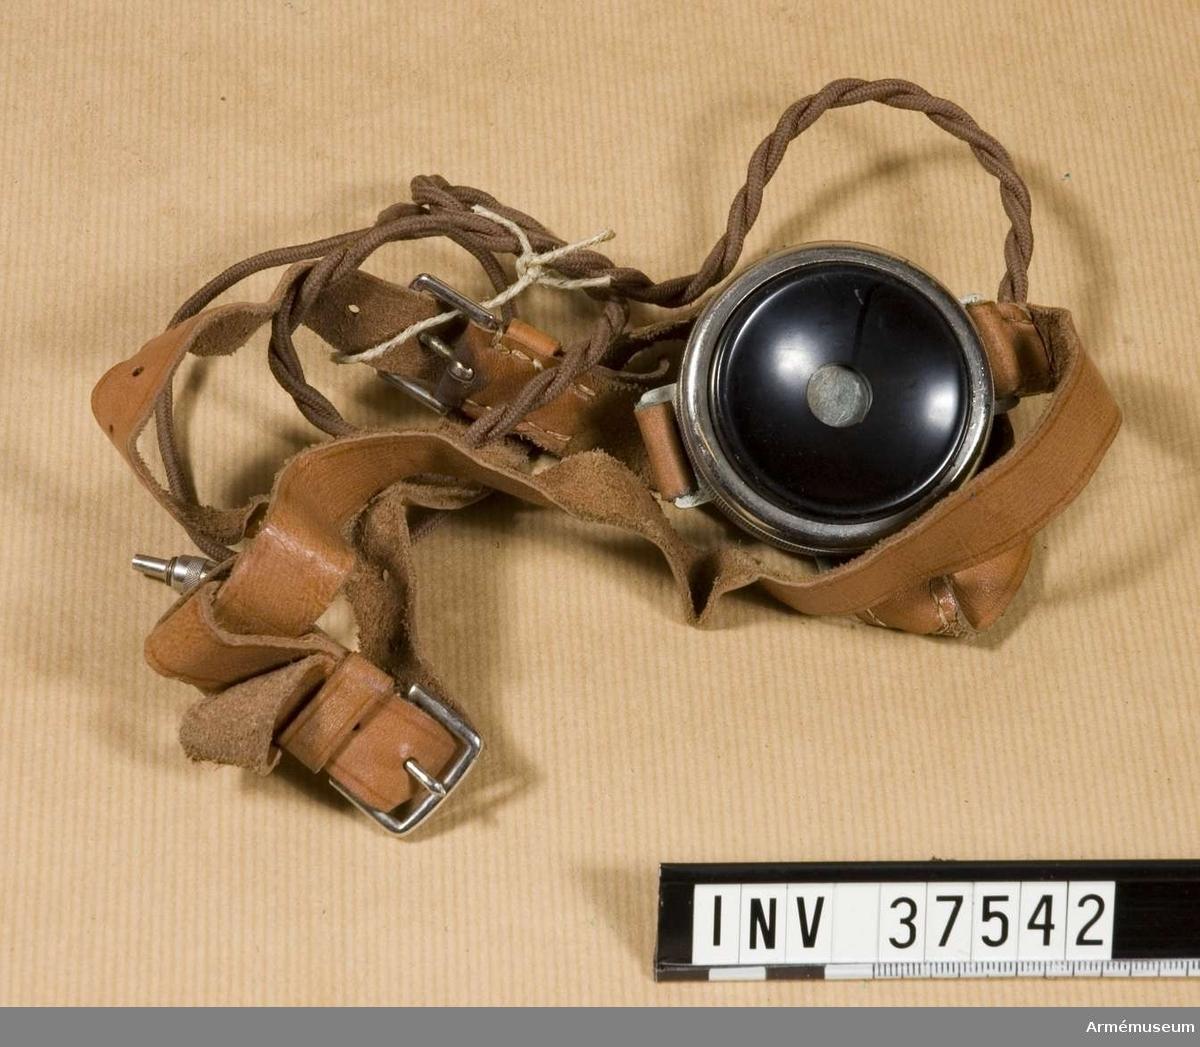 Samhörande nr 37541-3, telefon, hörtelefon, väska .Extra hörtelefon till telefonapparat m/1918 mindre. Grupp H I.